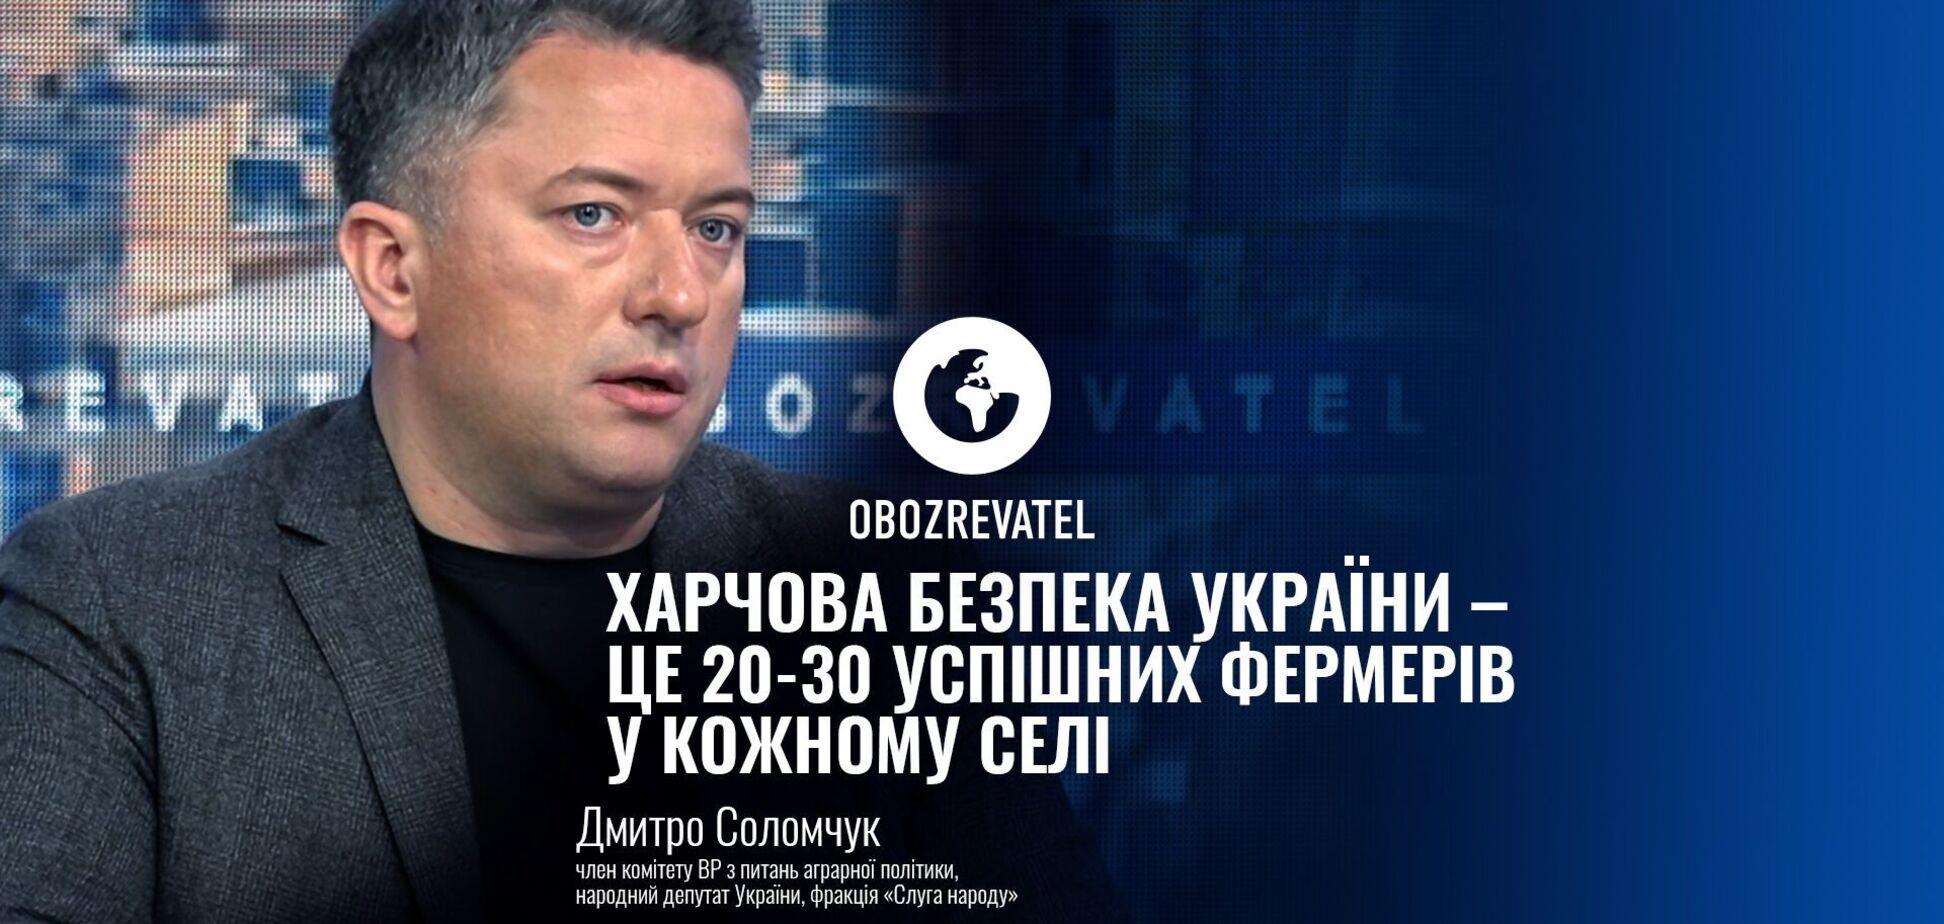 Харчова безпека України – це 20-30 успішних фермерів у кожному селі, – депутат ВРУ